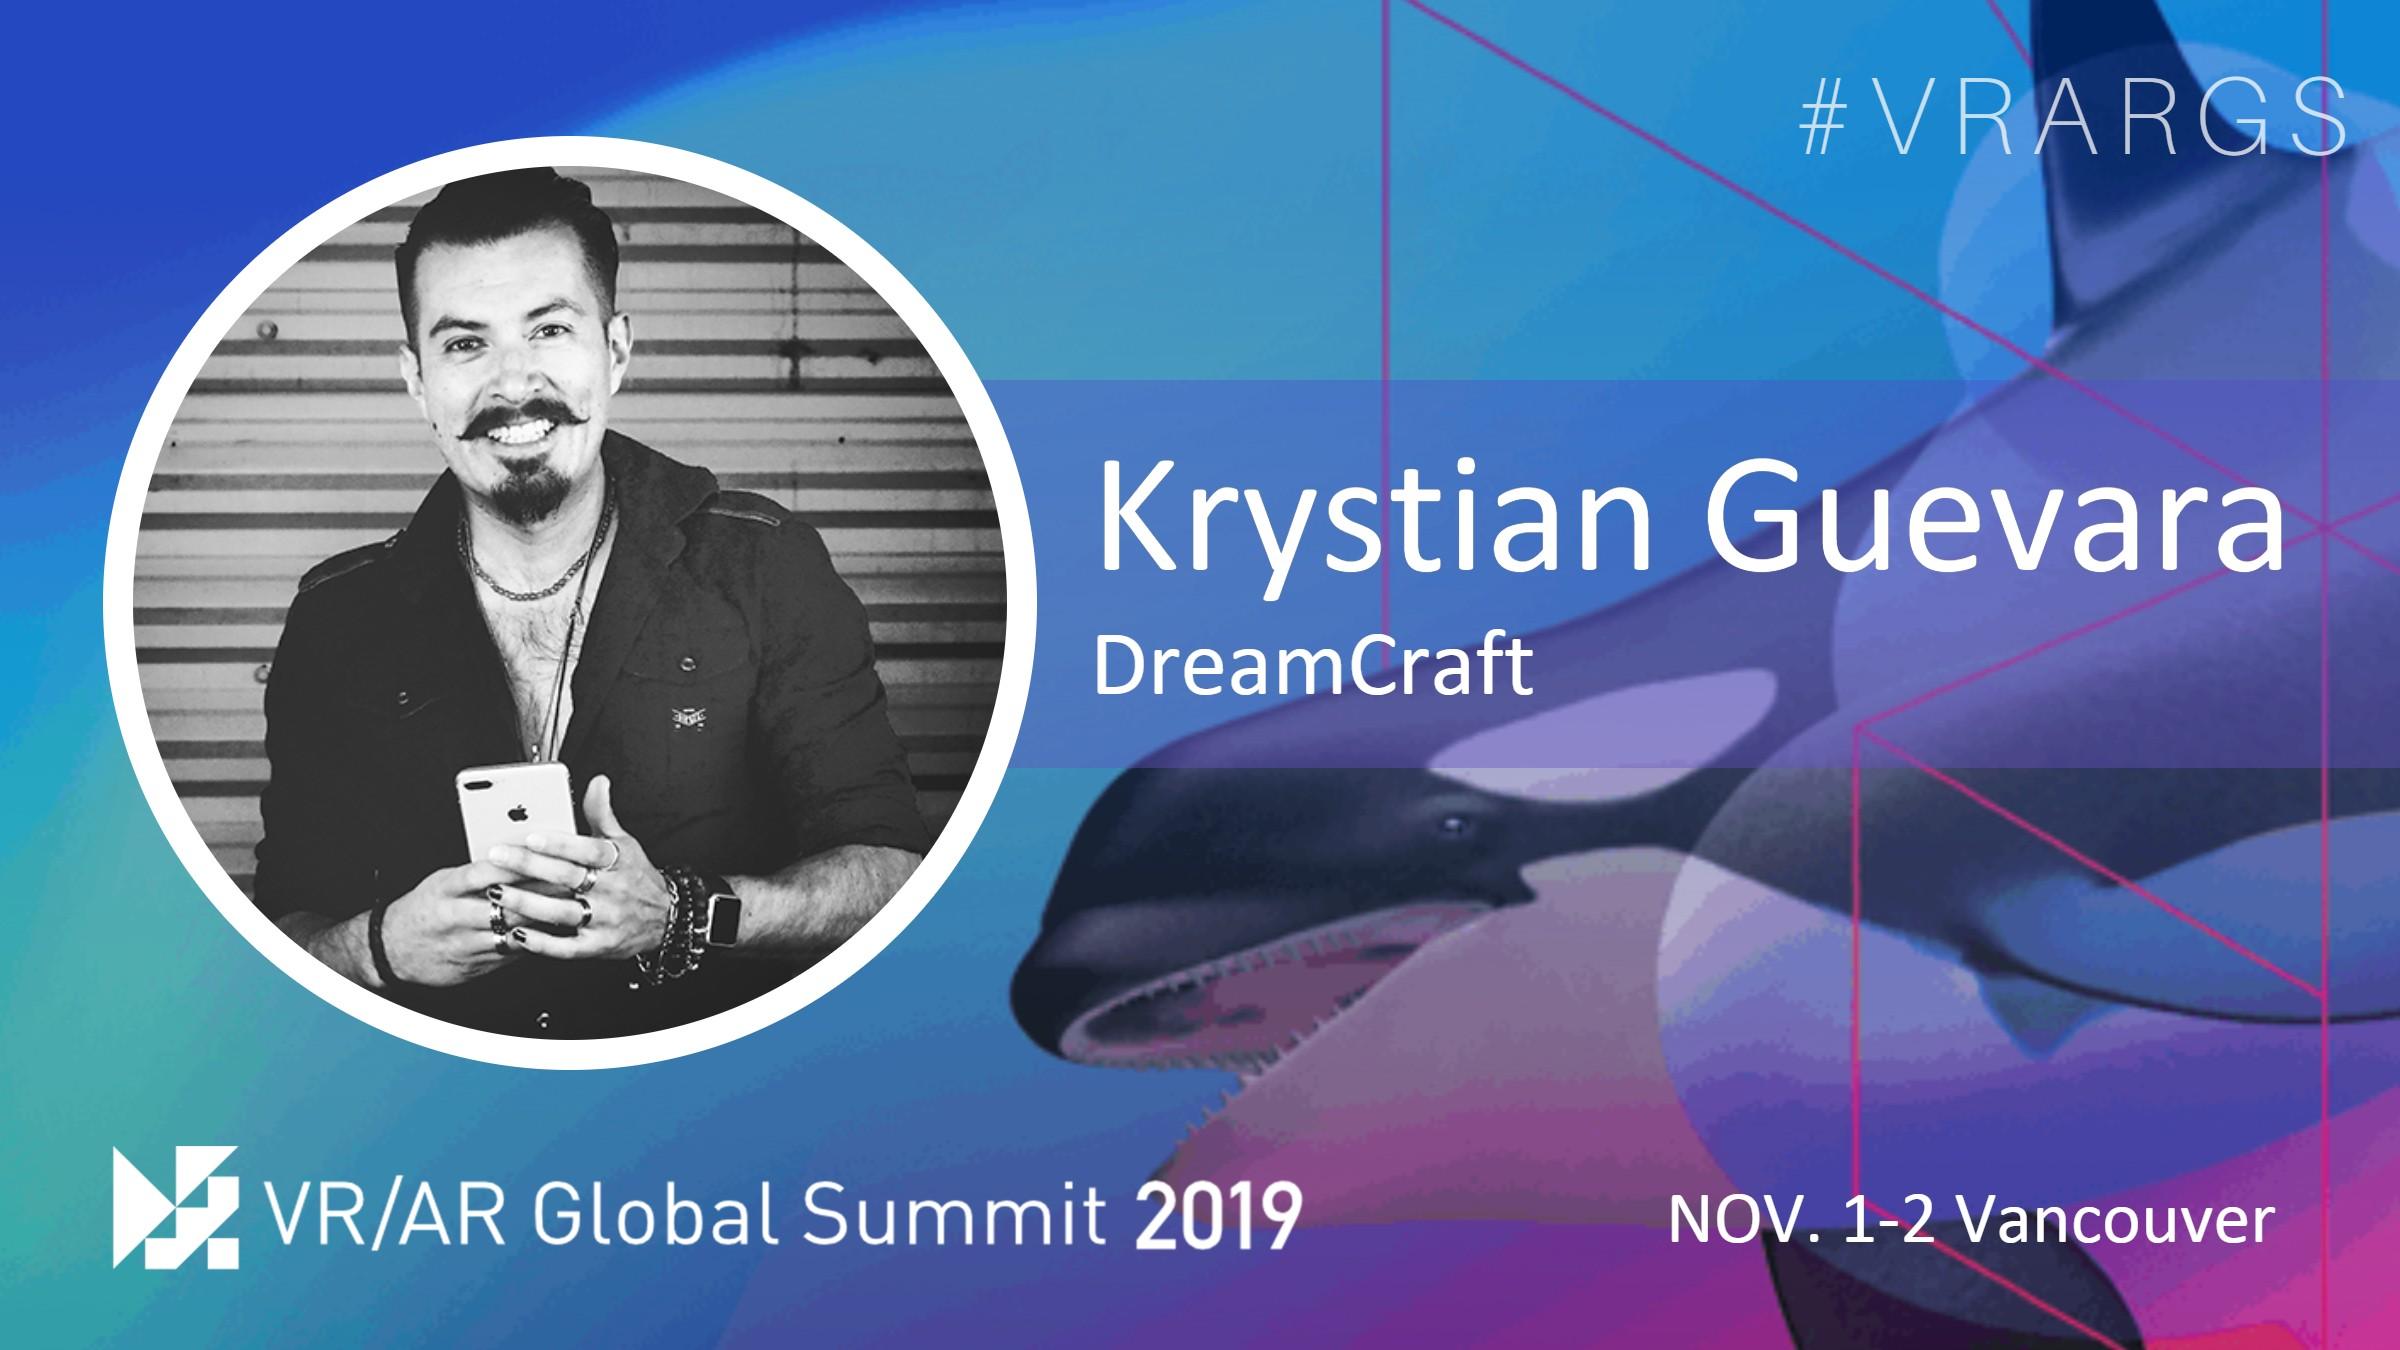 HighRes-Krystian-Guevara-Dream-Craft-VRARGS-VRAR-Global-Summit-Spatial-Computing-Vancouver.jpg